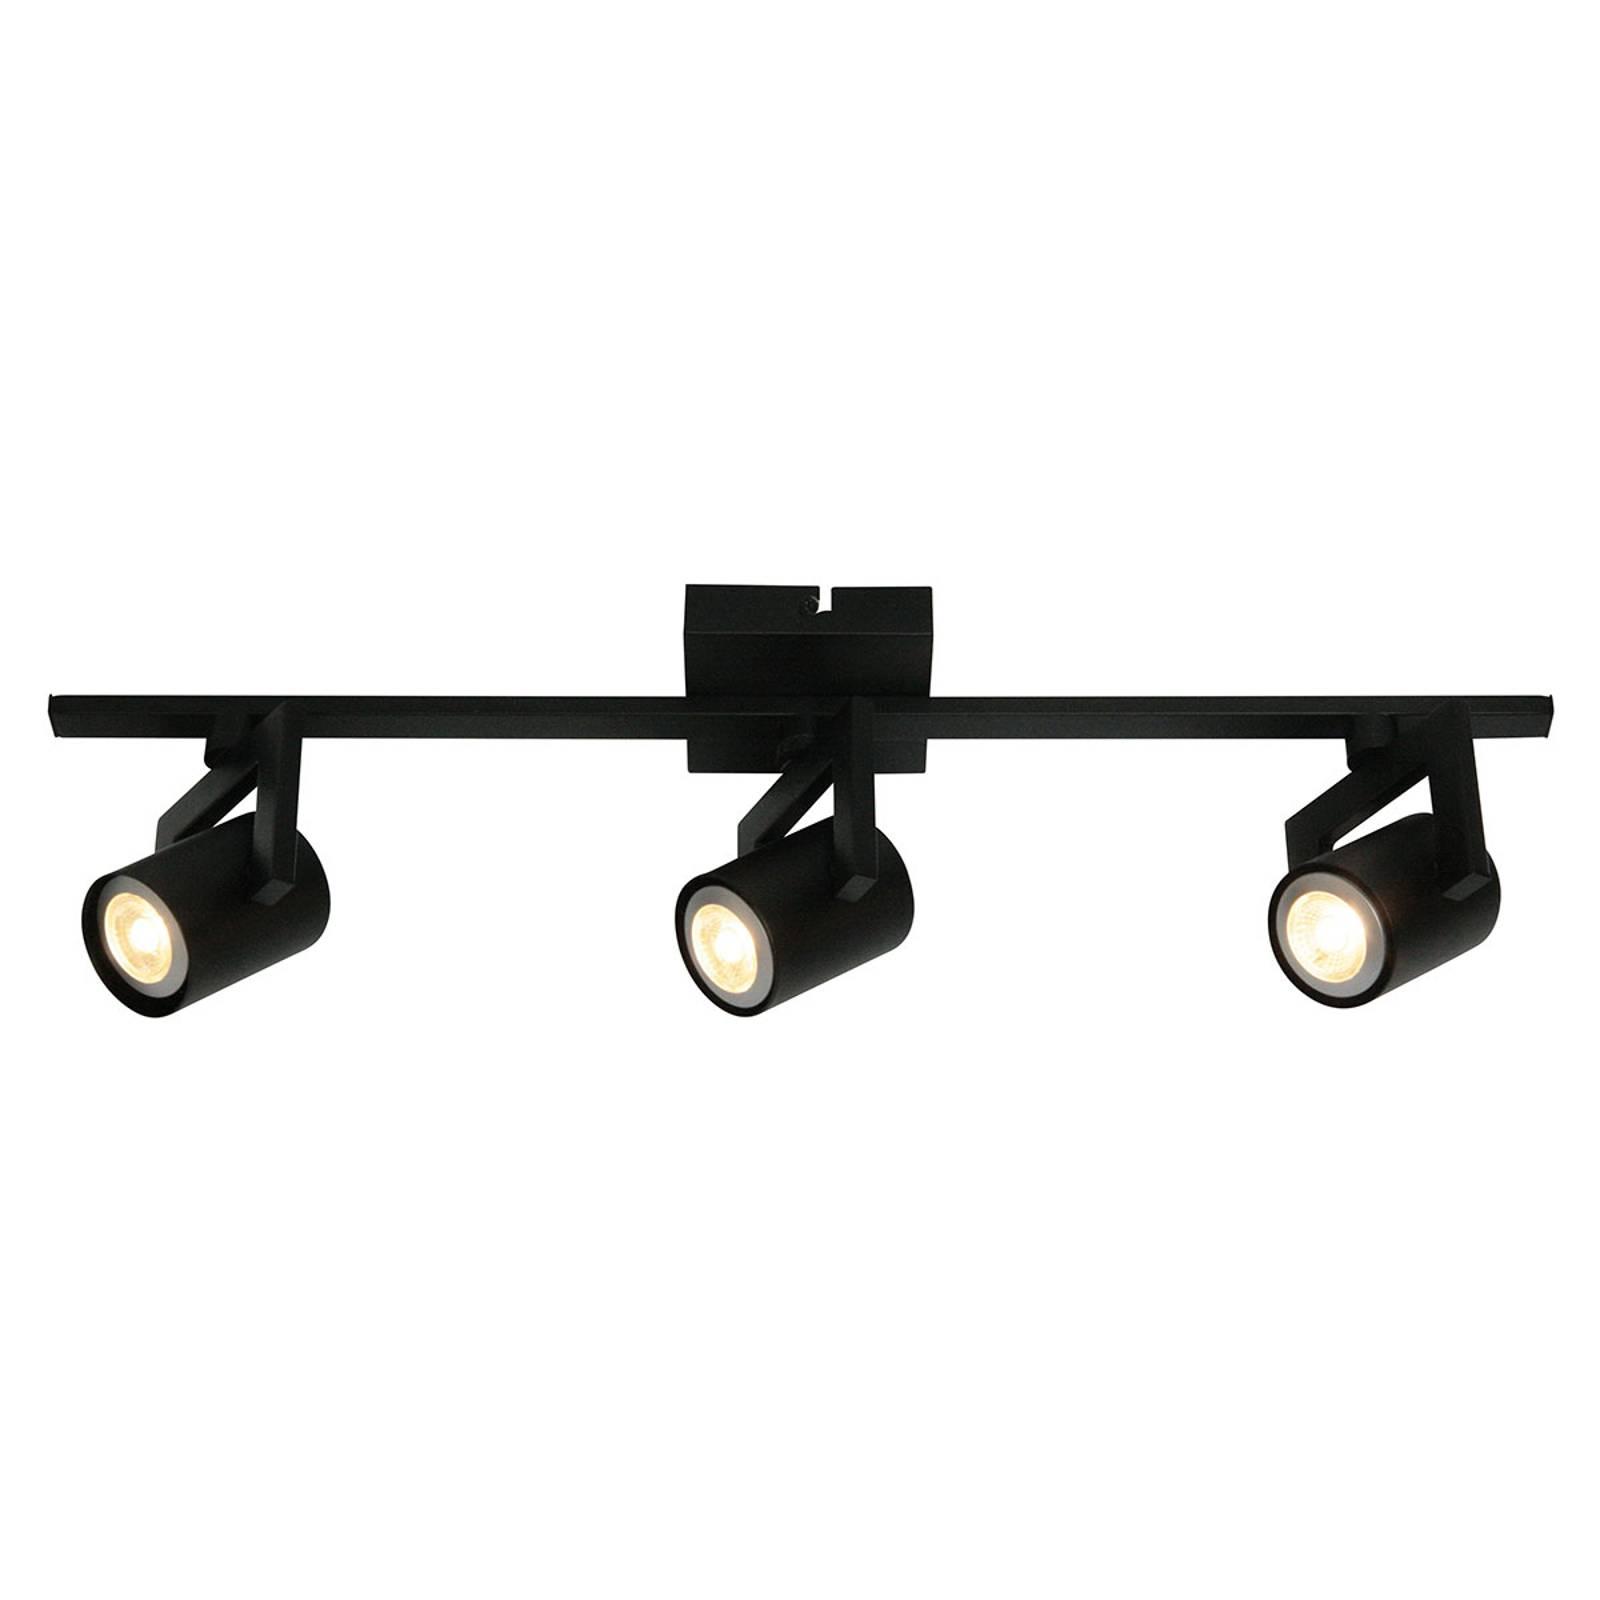 Moderni kattovalaisin ValvoLED musta, 3-lamppuinen